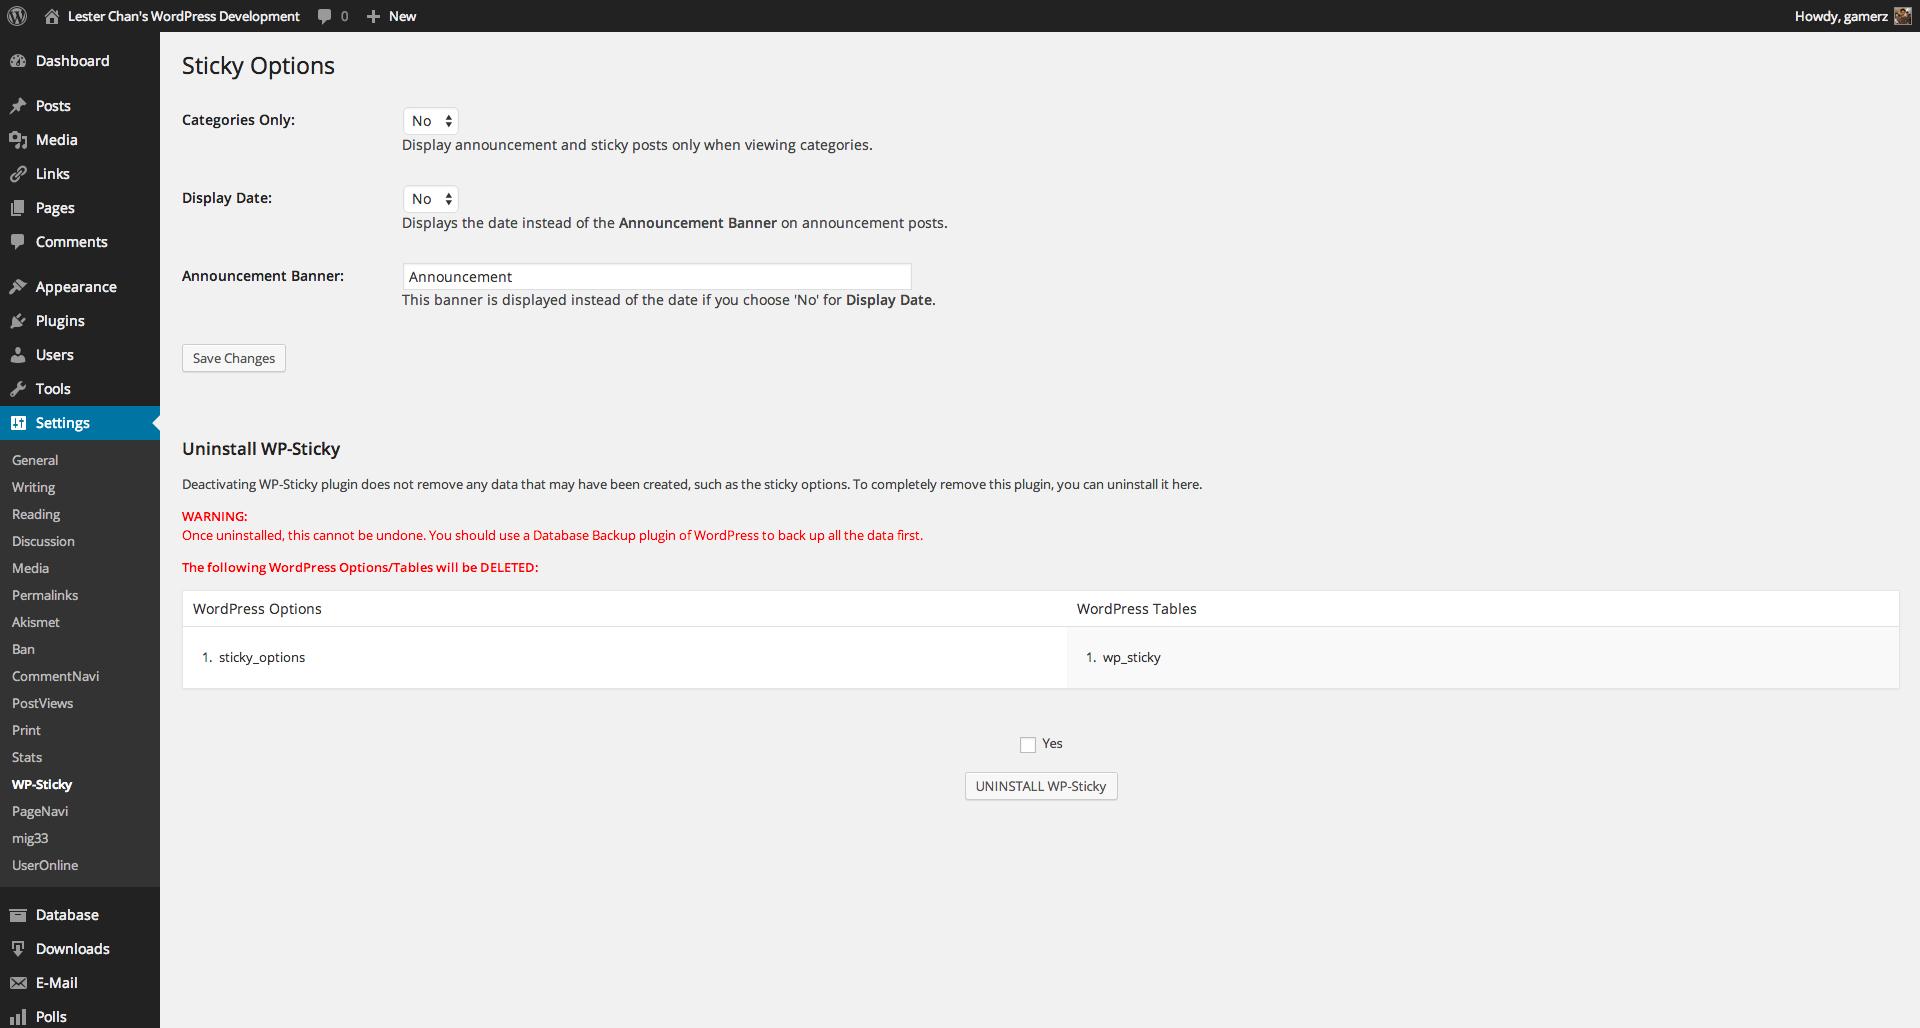 WP-Sticky's Screenshot: Admin - Sticky Options